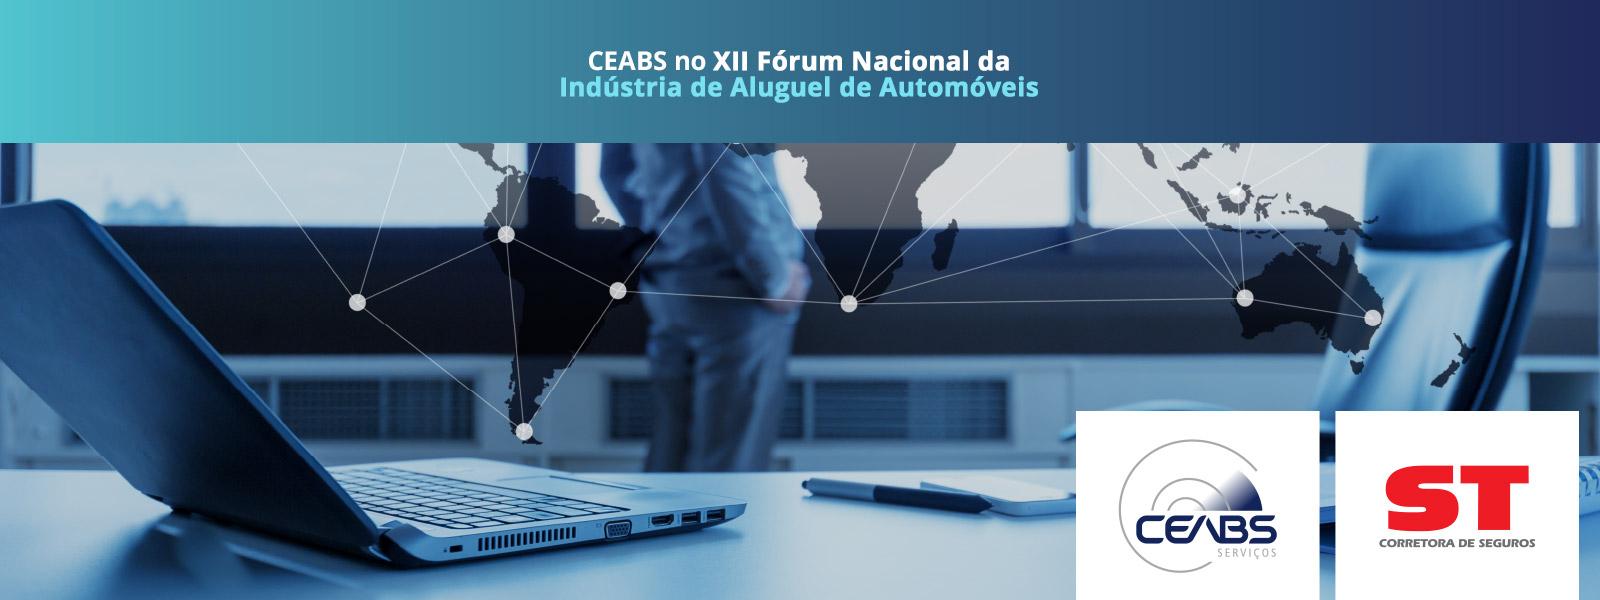 CEABS no XII Fórum Nacional da Indústria de Aluguel de Automóveis